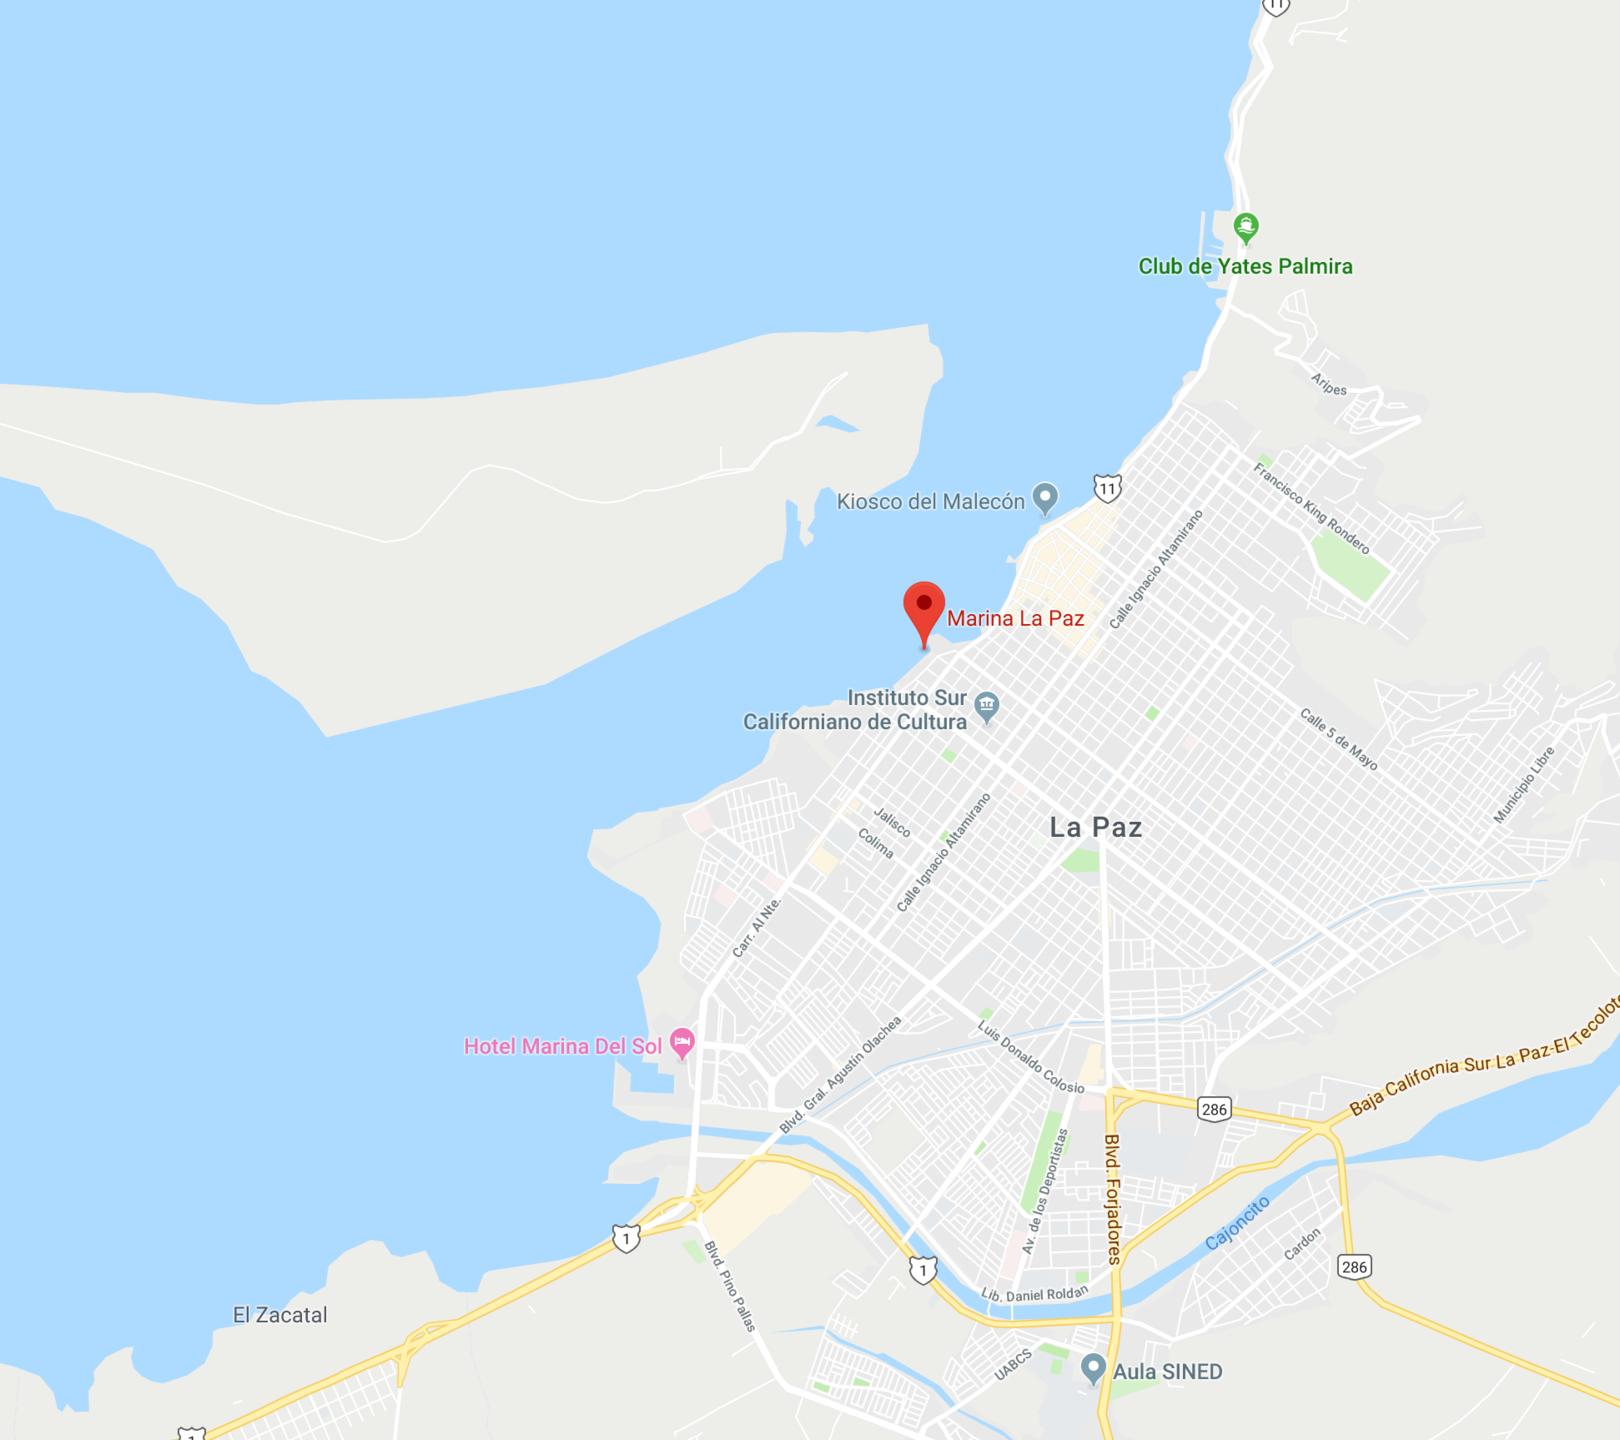 Map of Marina de La Paz